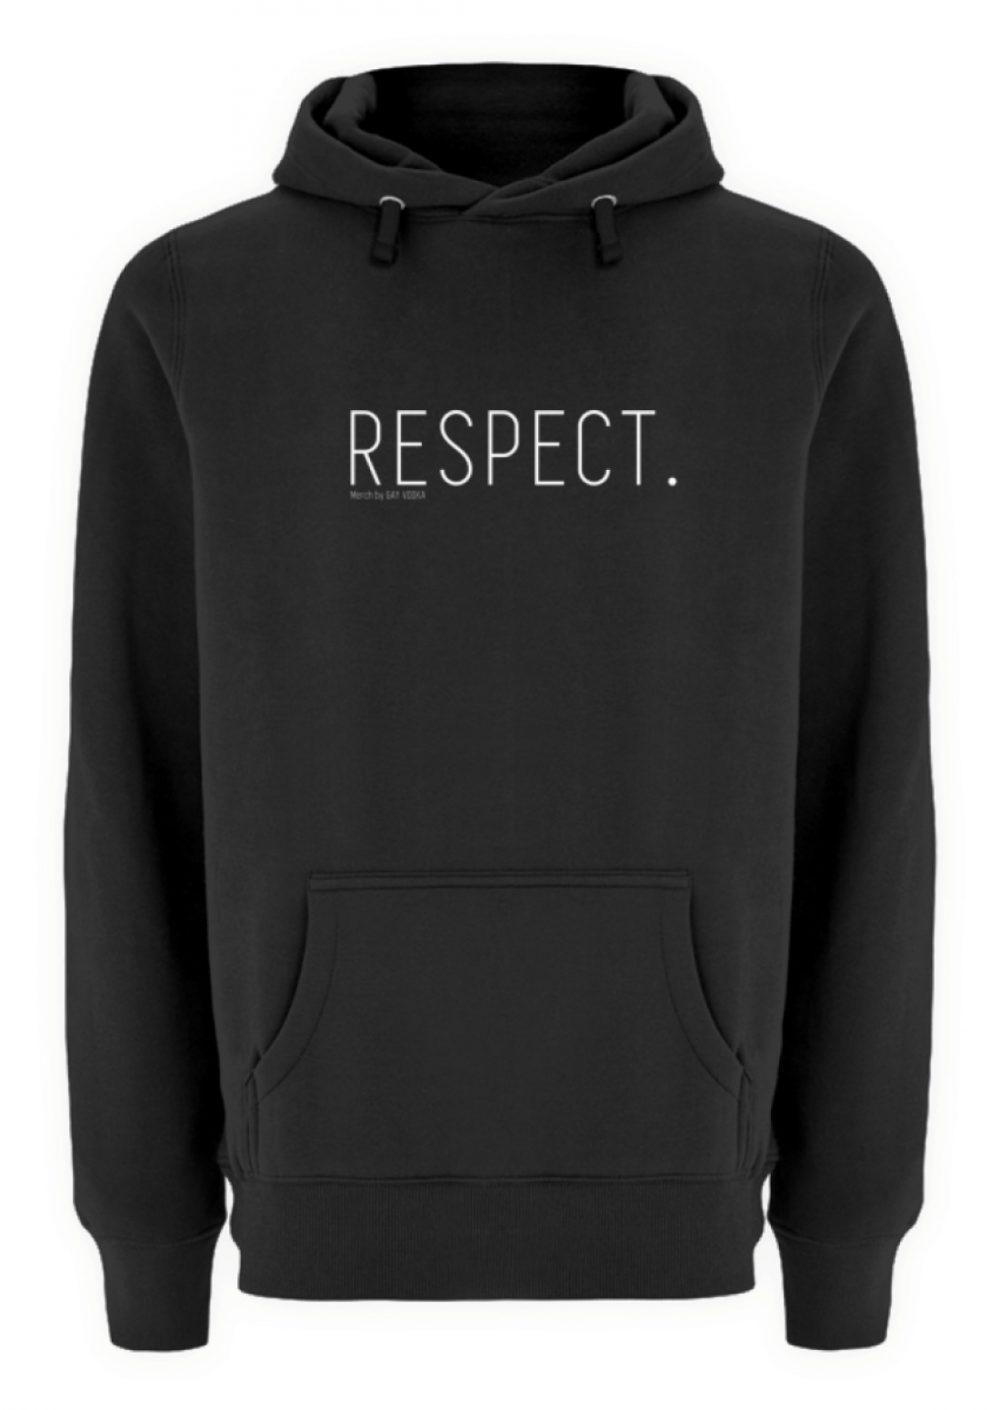 RESPECT. - Unisex Premium Kapuzenpullover-16